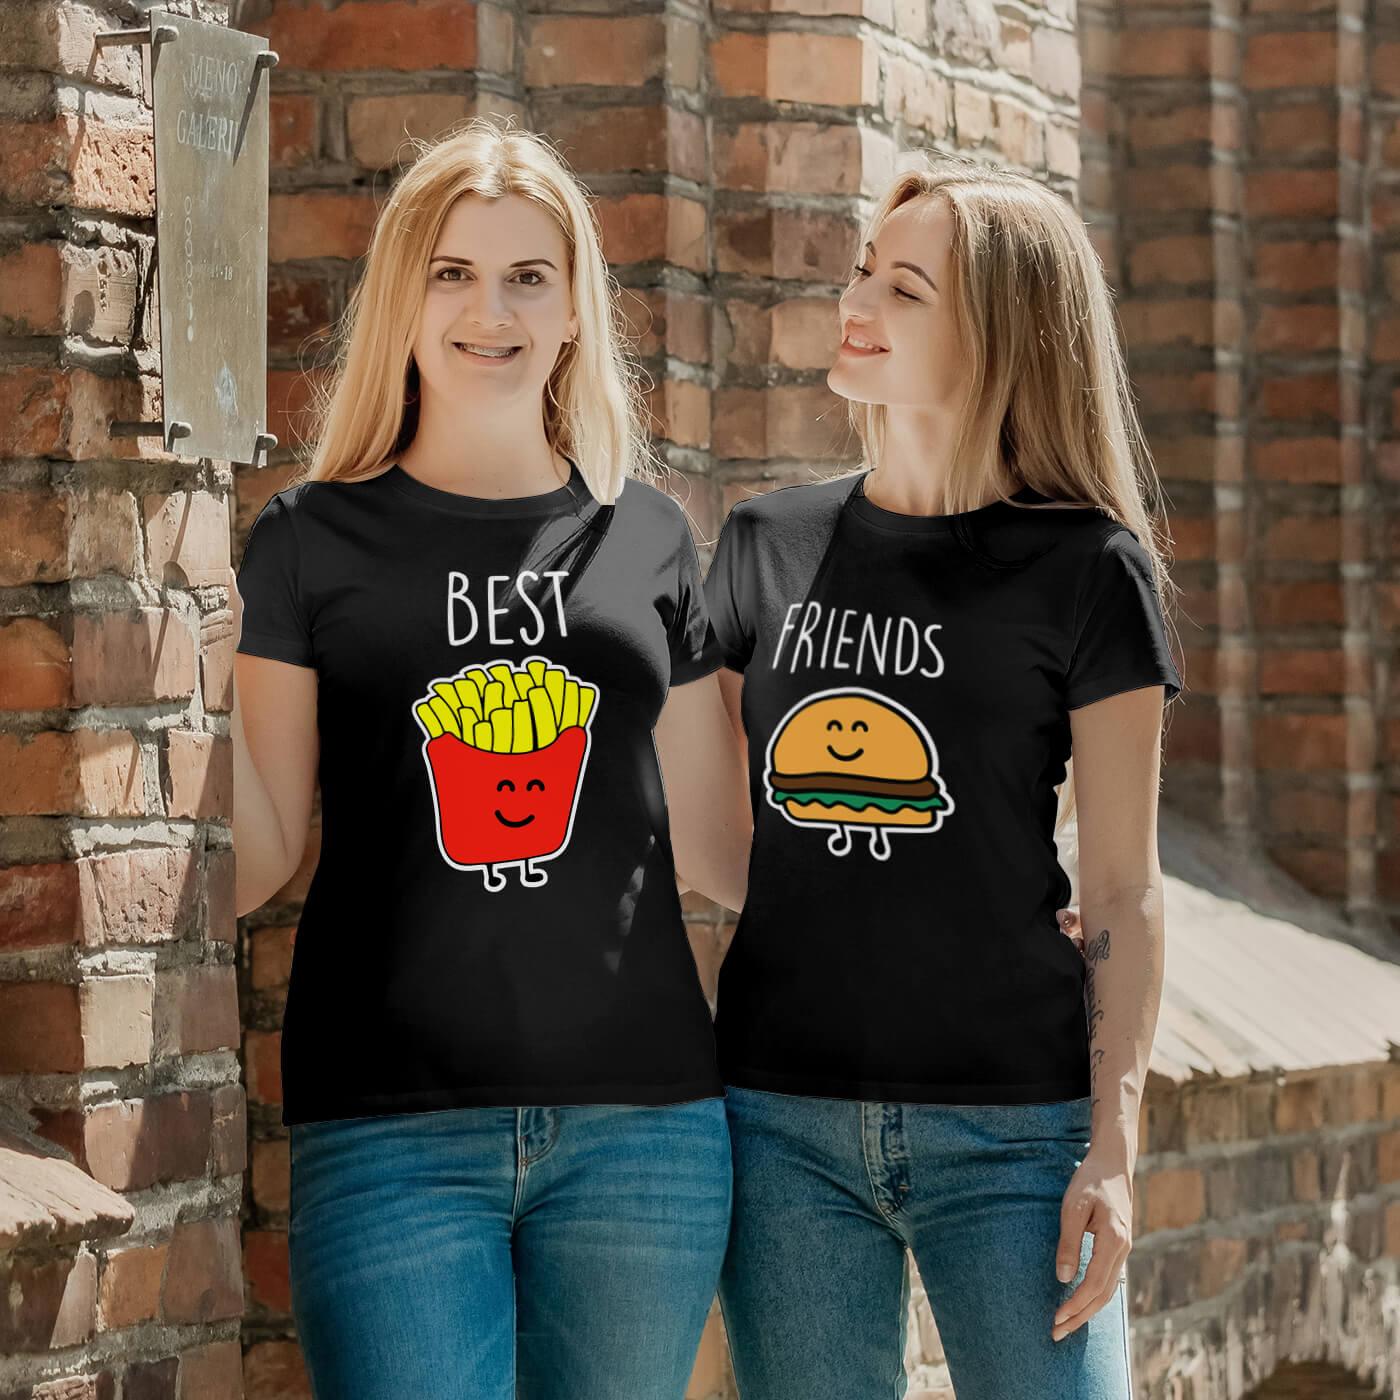 friends shirt close friends shirt Friends Are The Family We Choose shirt,Best Friends shirt,Friendship ship,friends for ever good friends